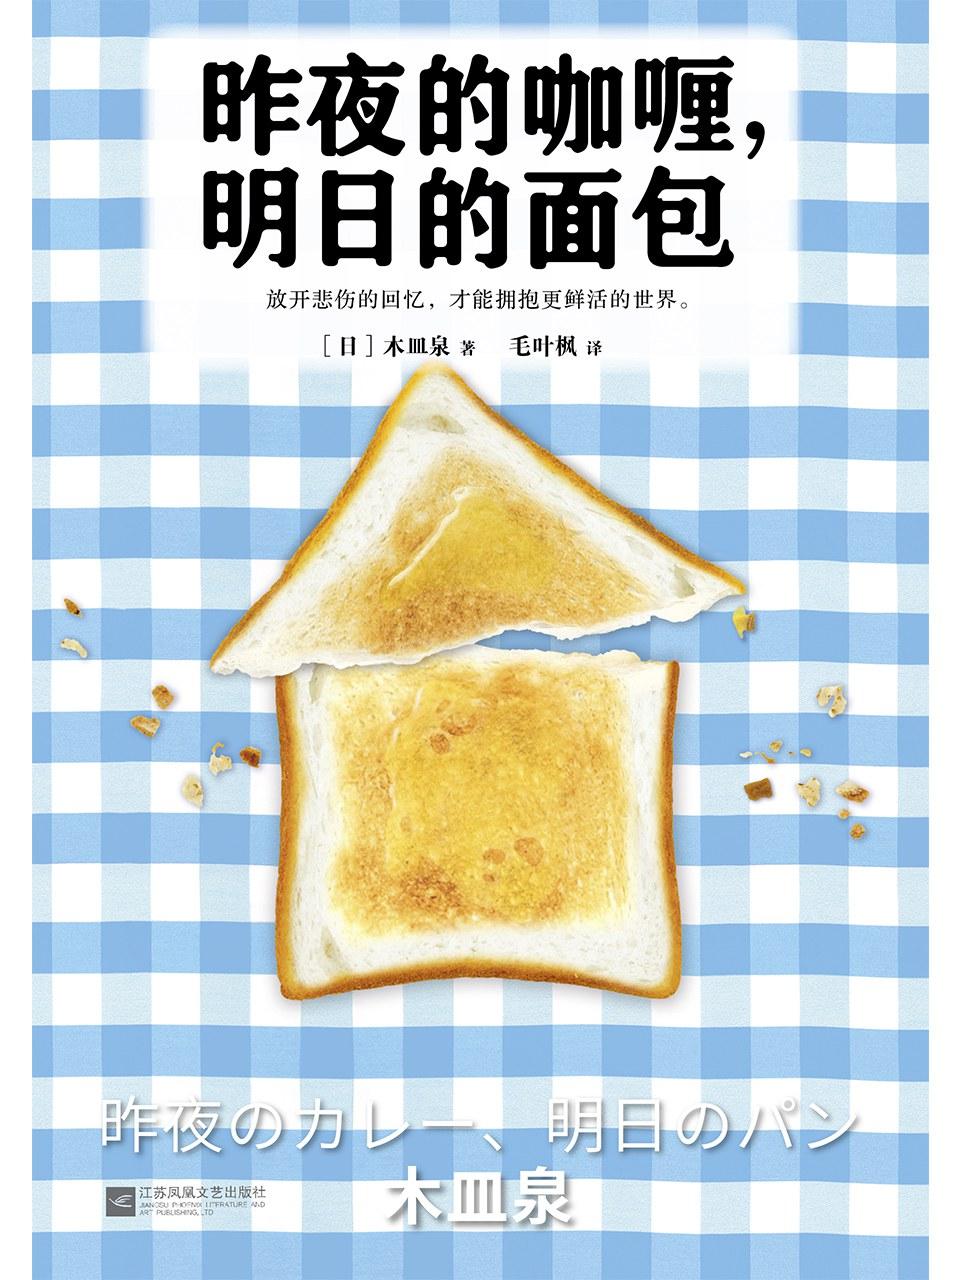 昨夜的咖喱,明日的面包-好书天下